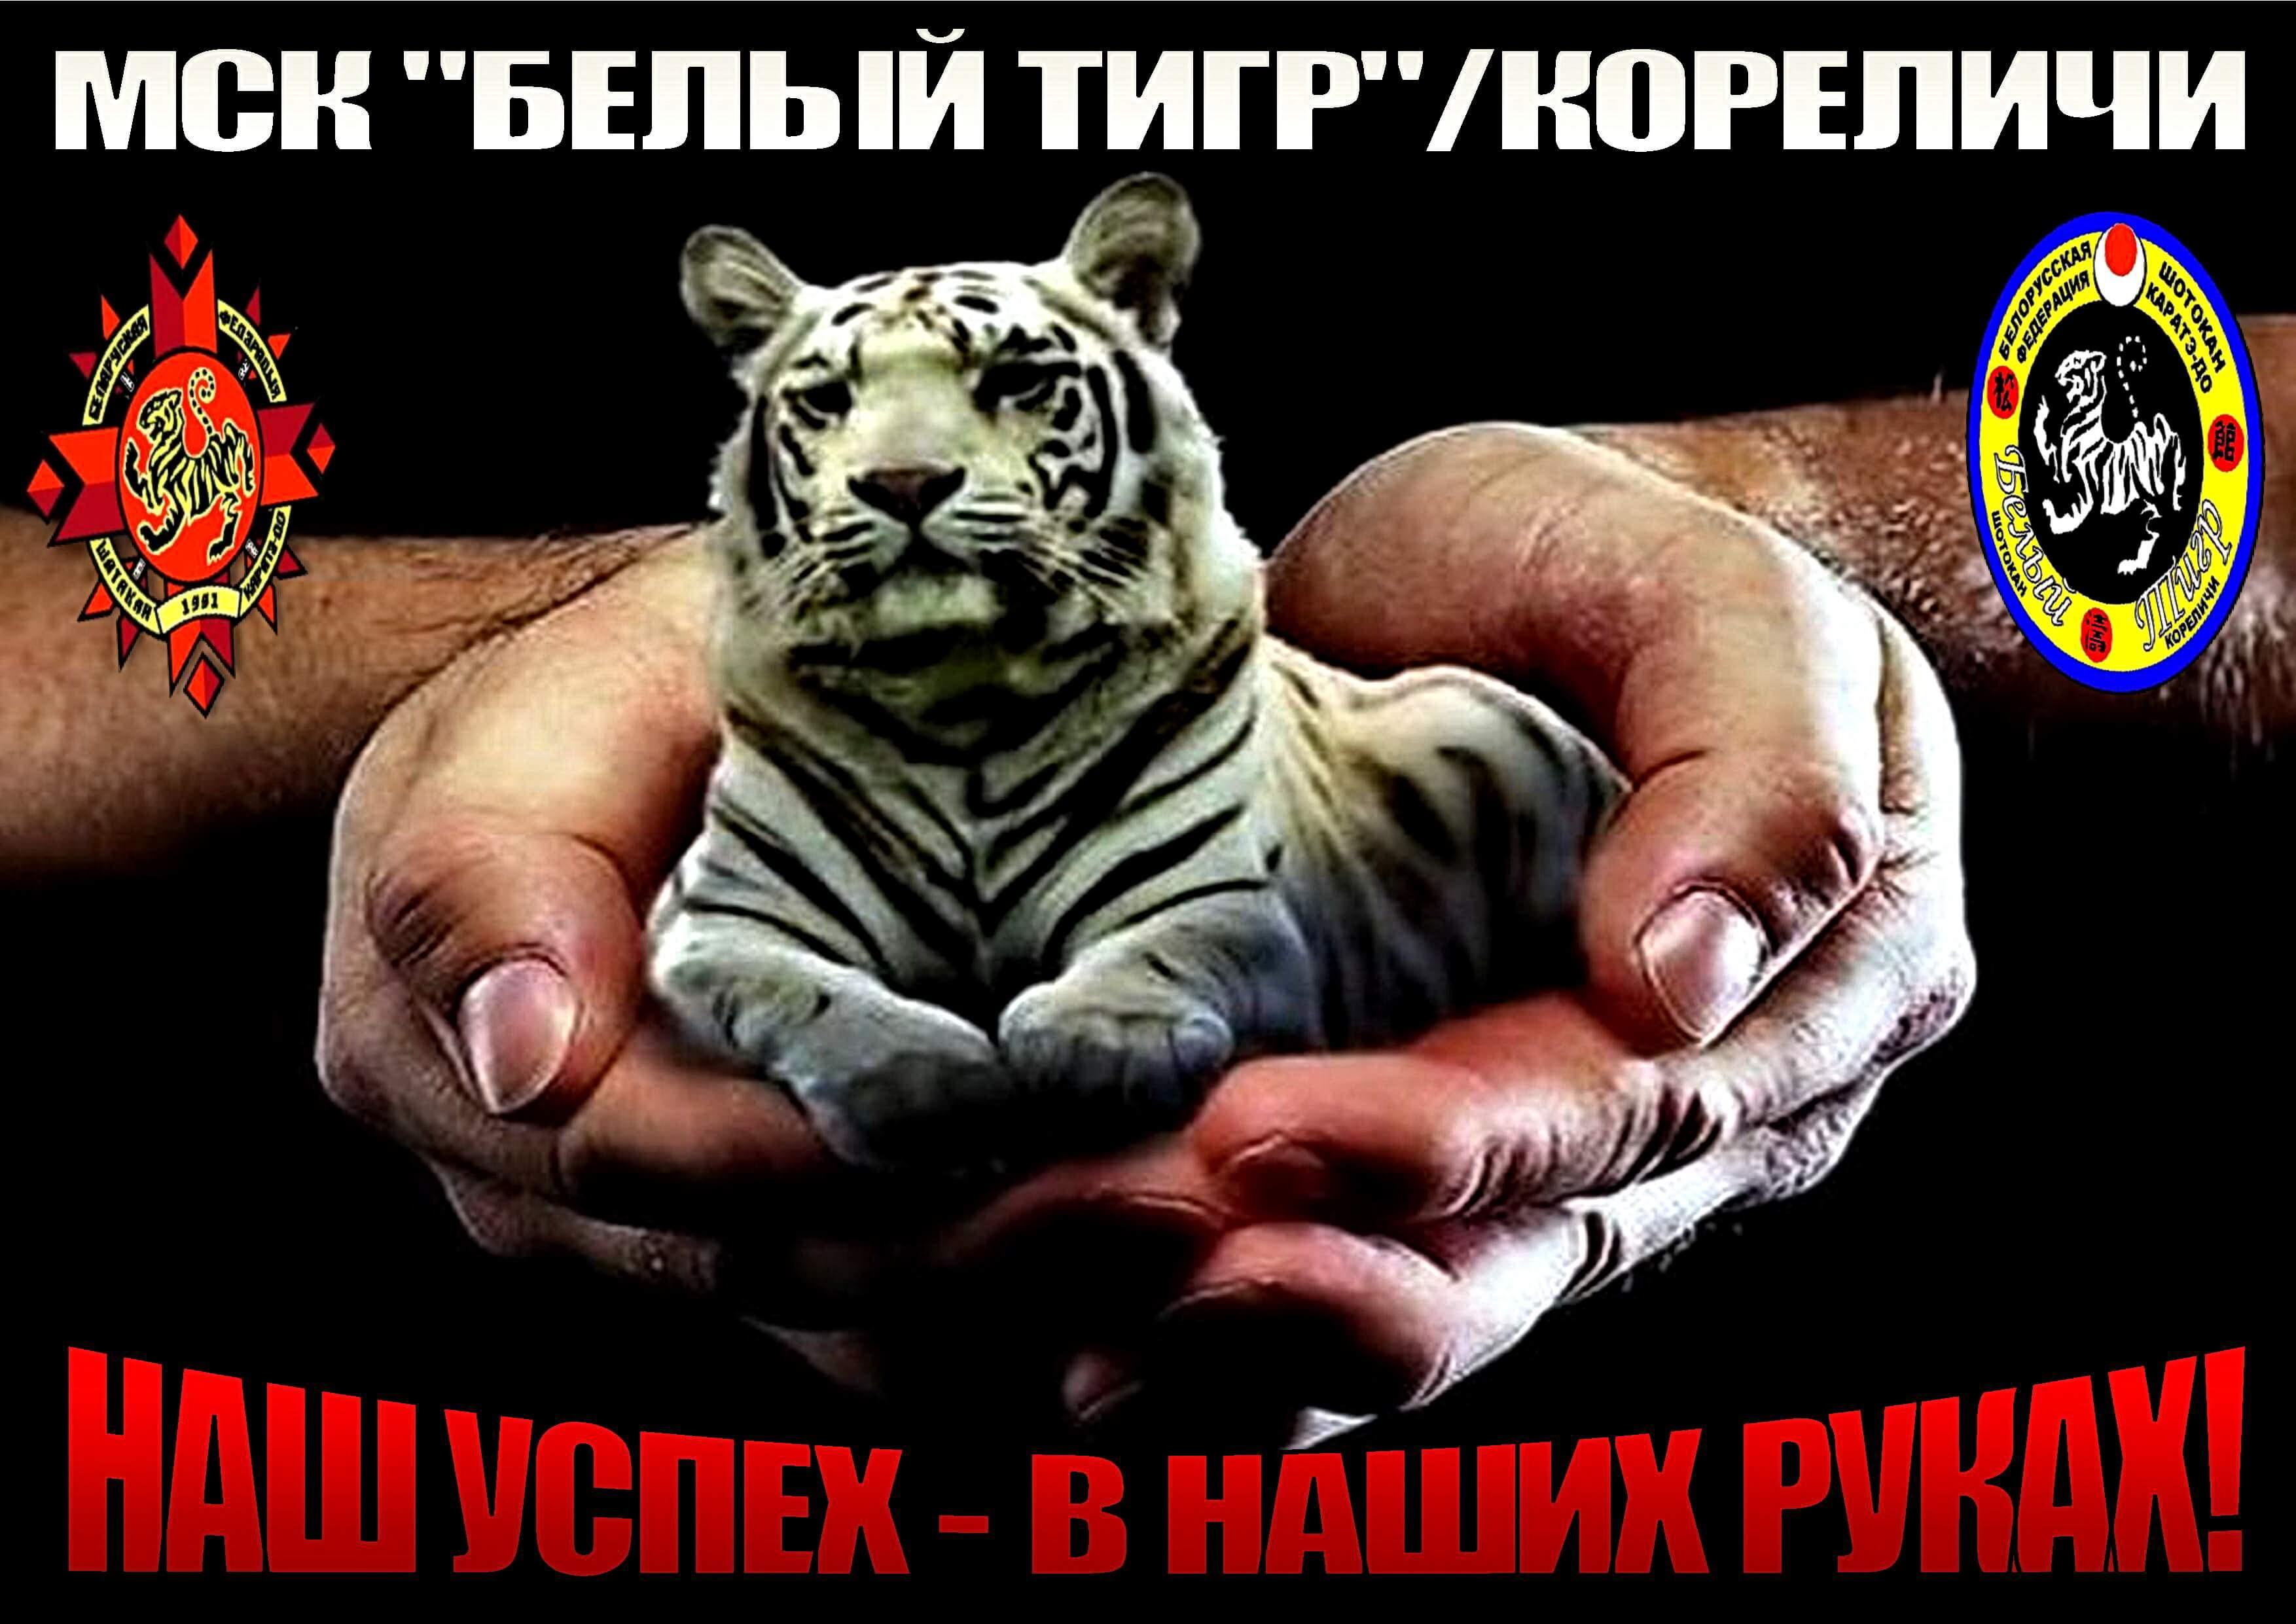 Наш успех- в наших руках